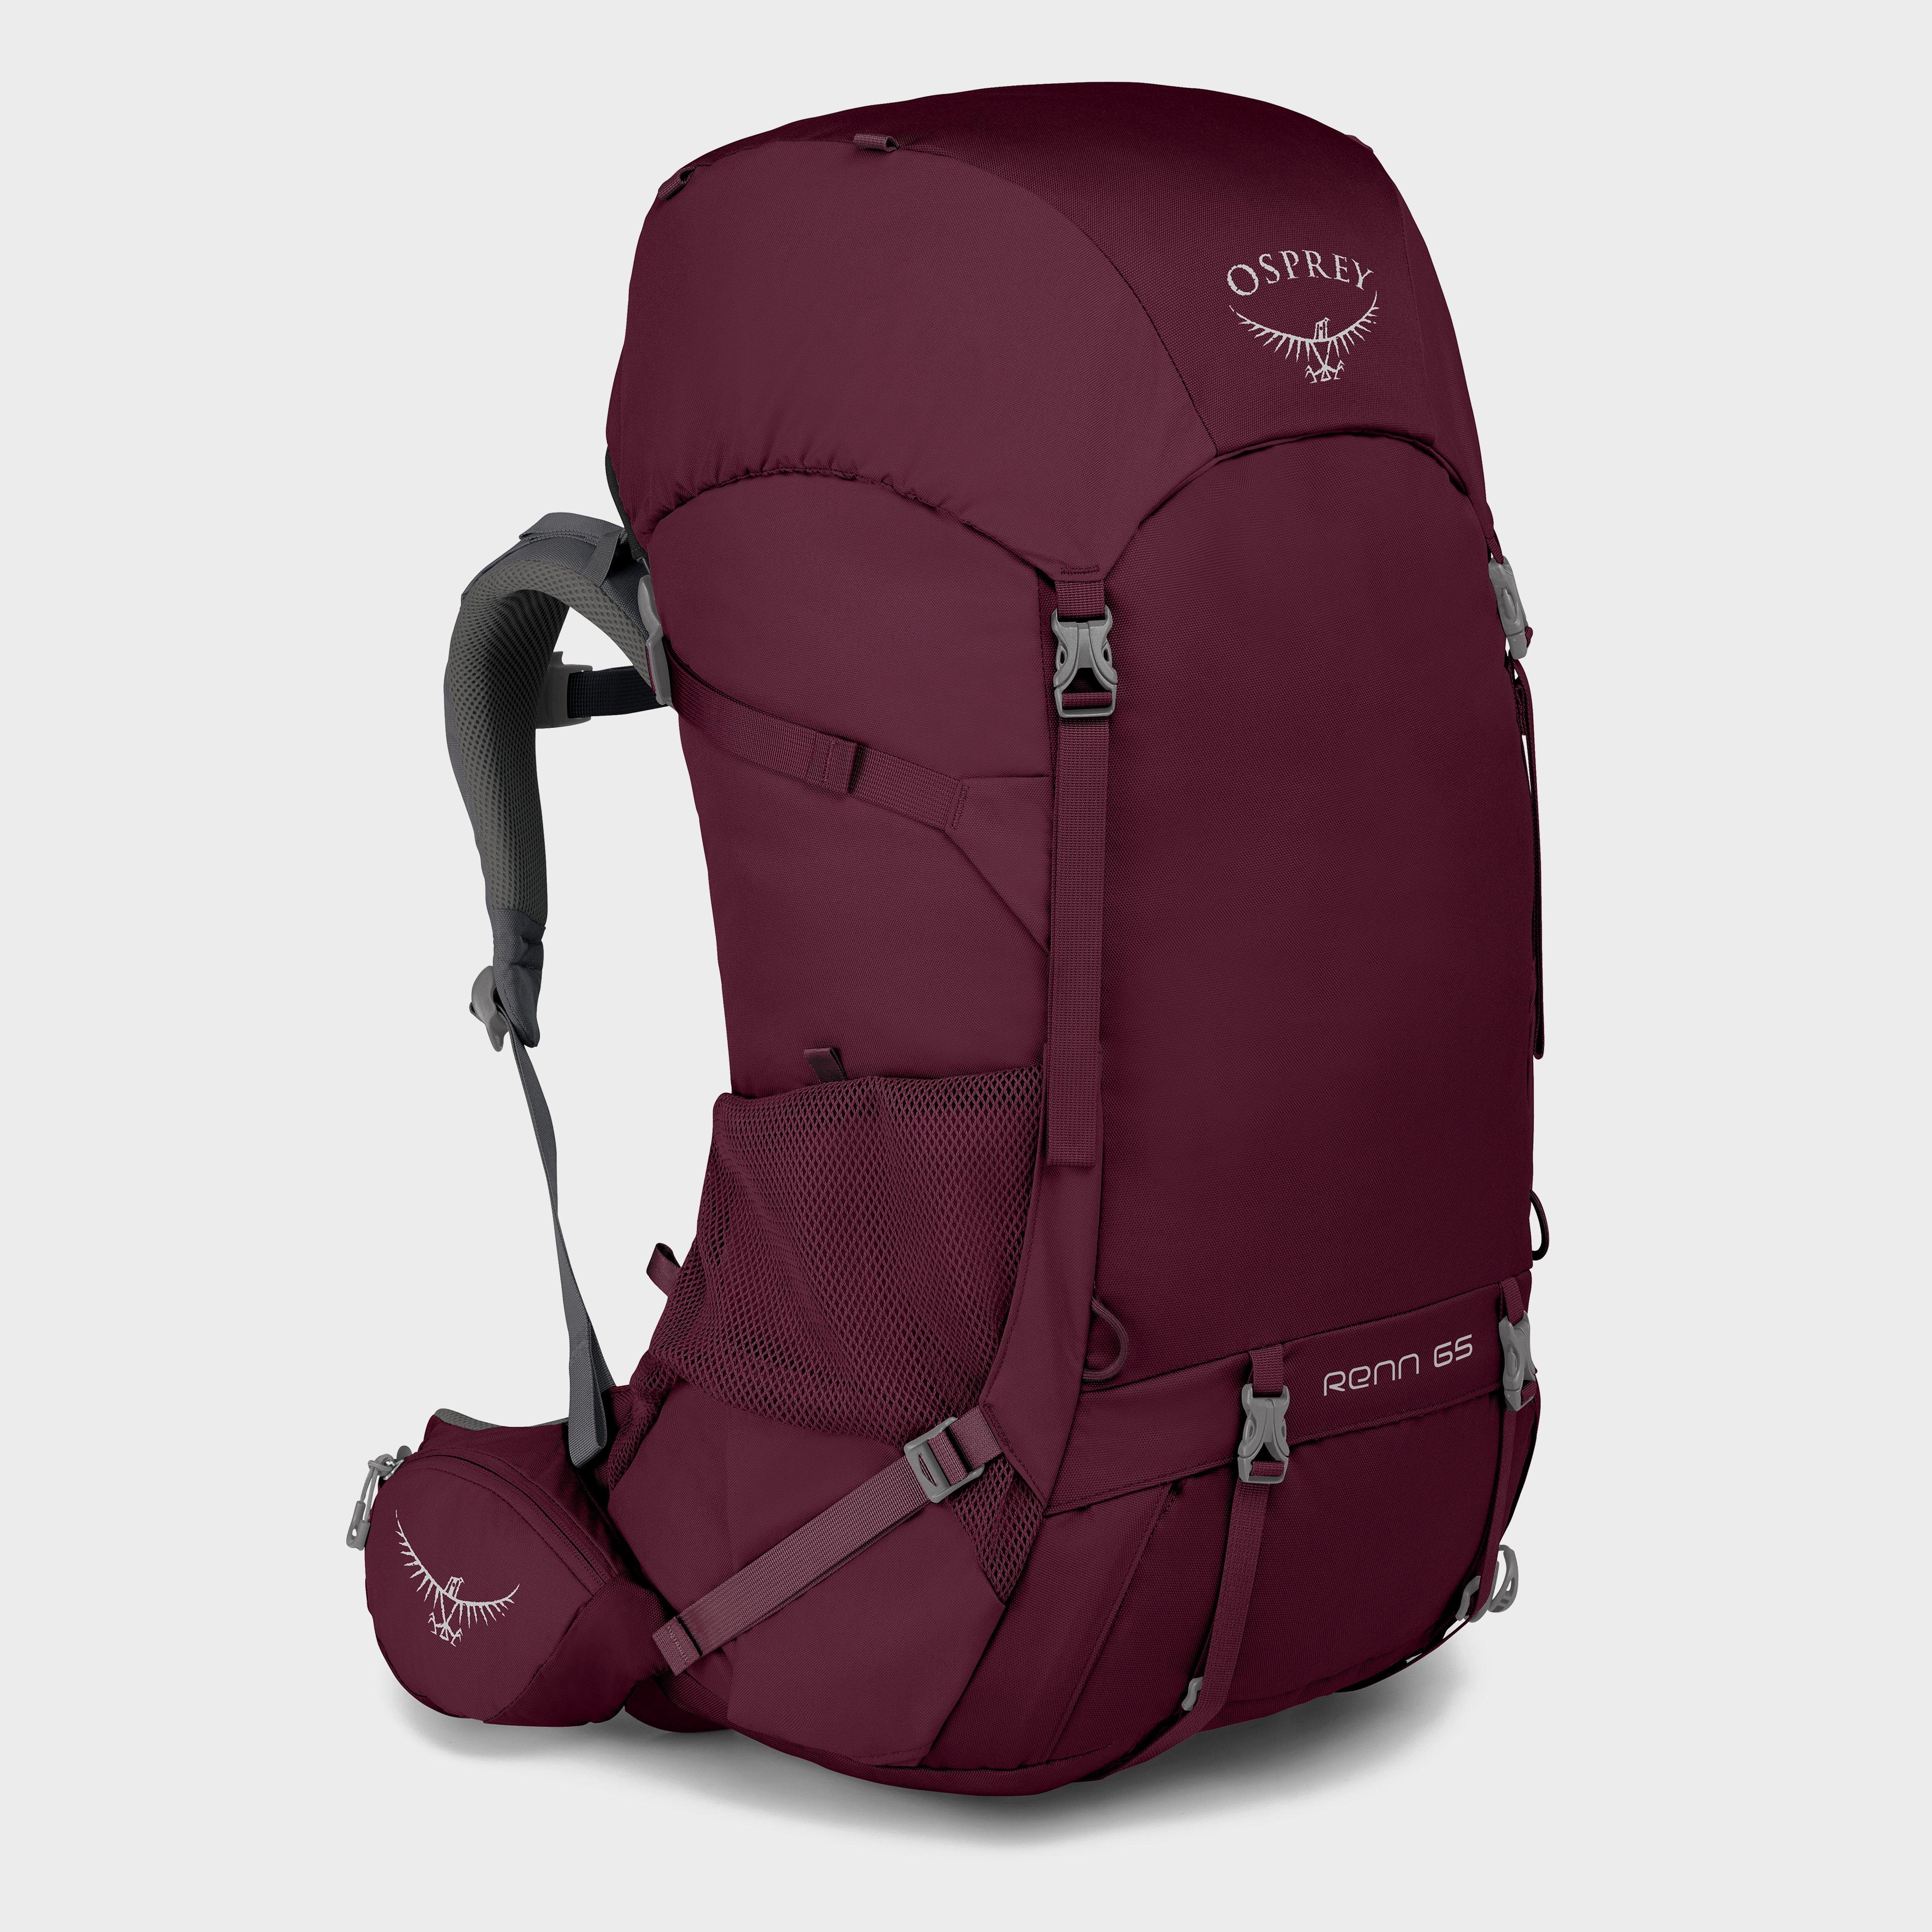 Osprey Osprey Renn 65L Backpack - Purple, Purple